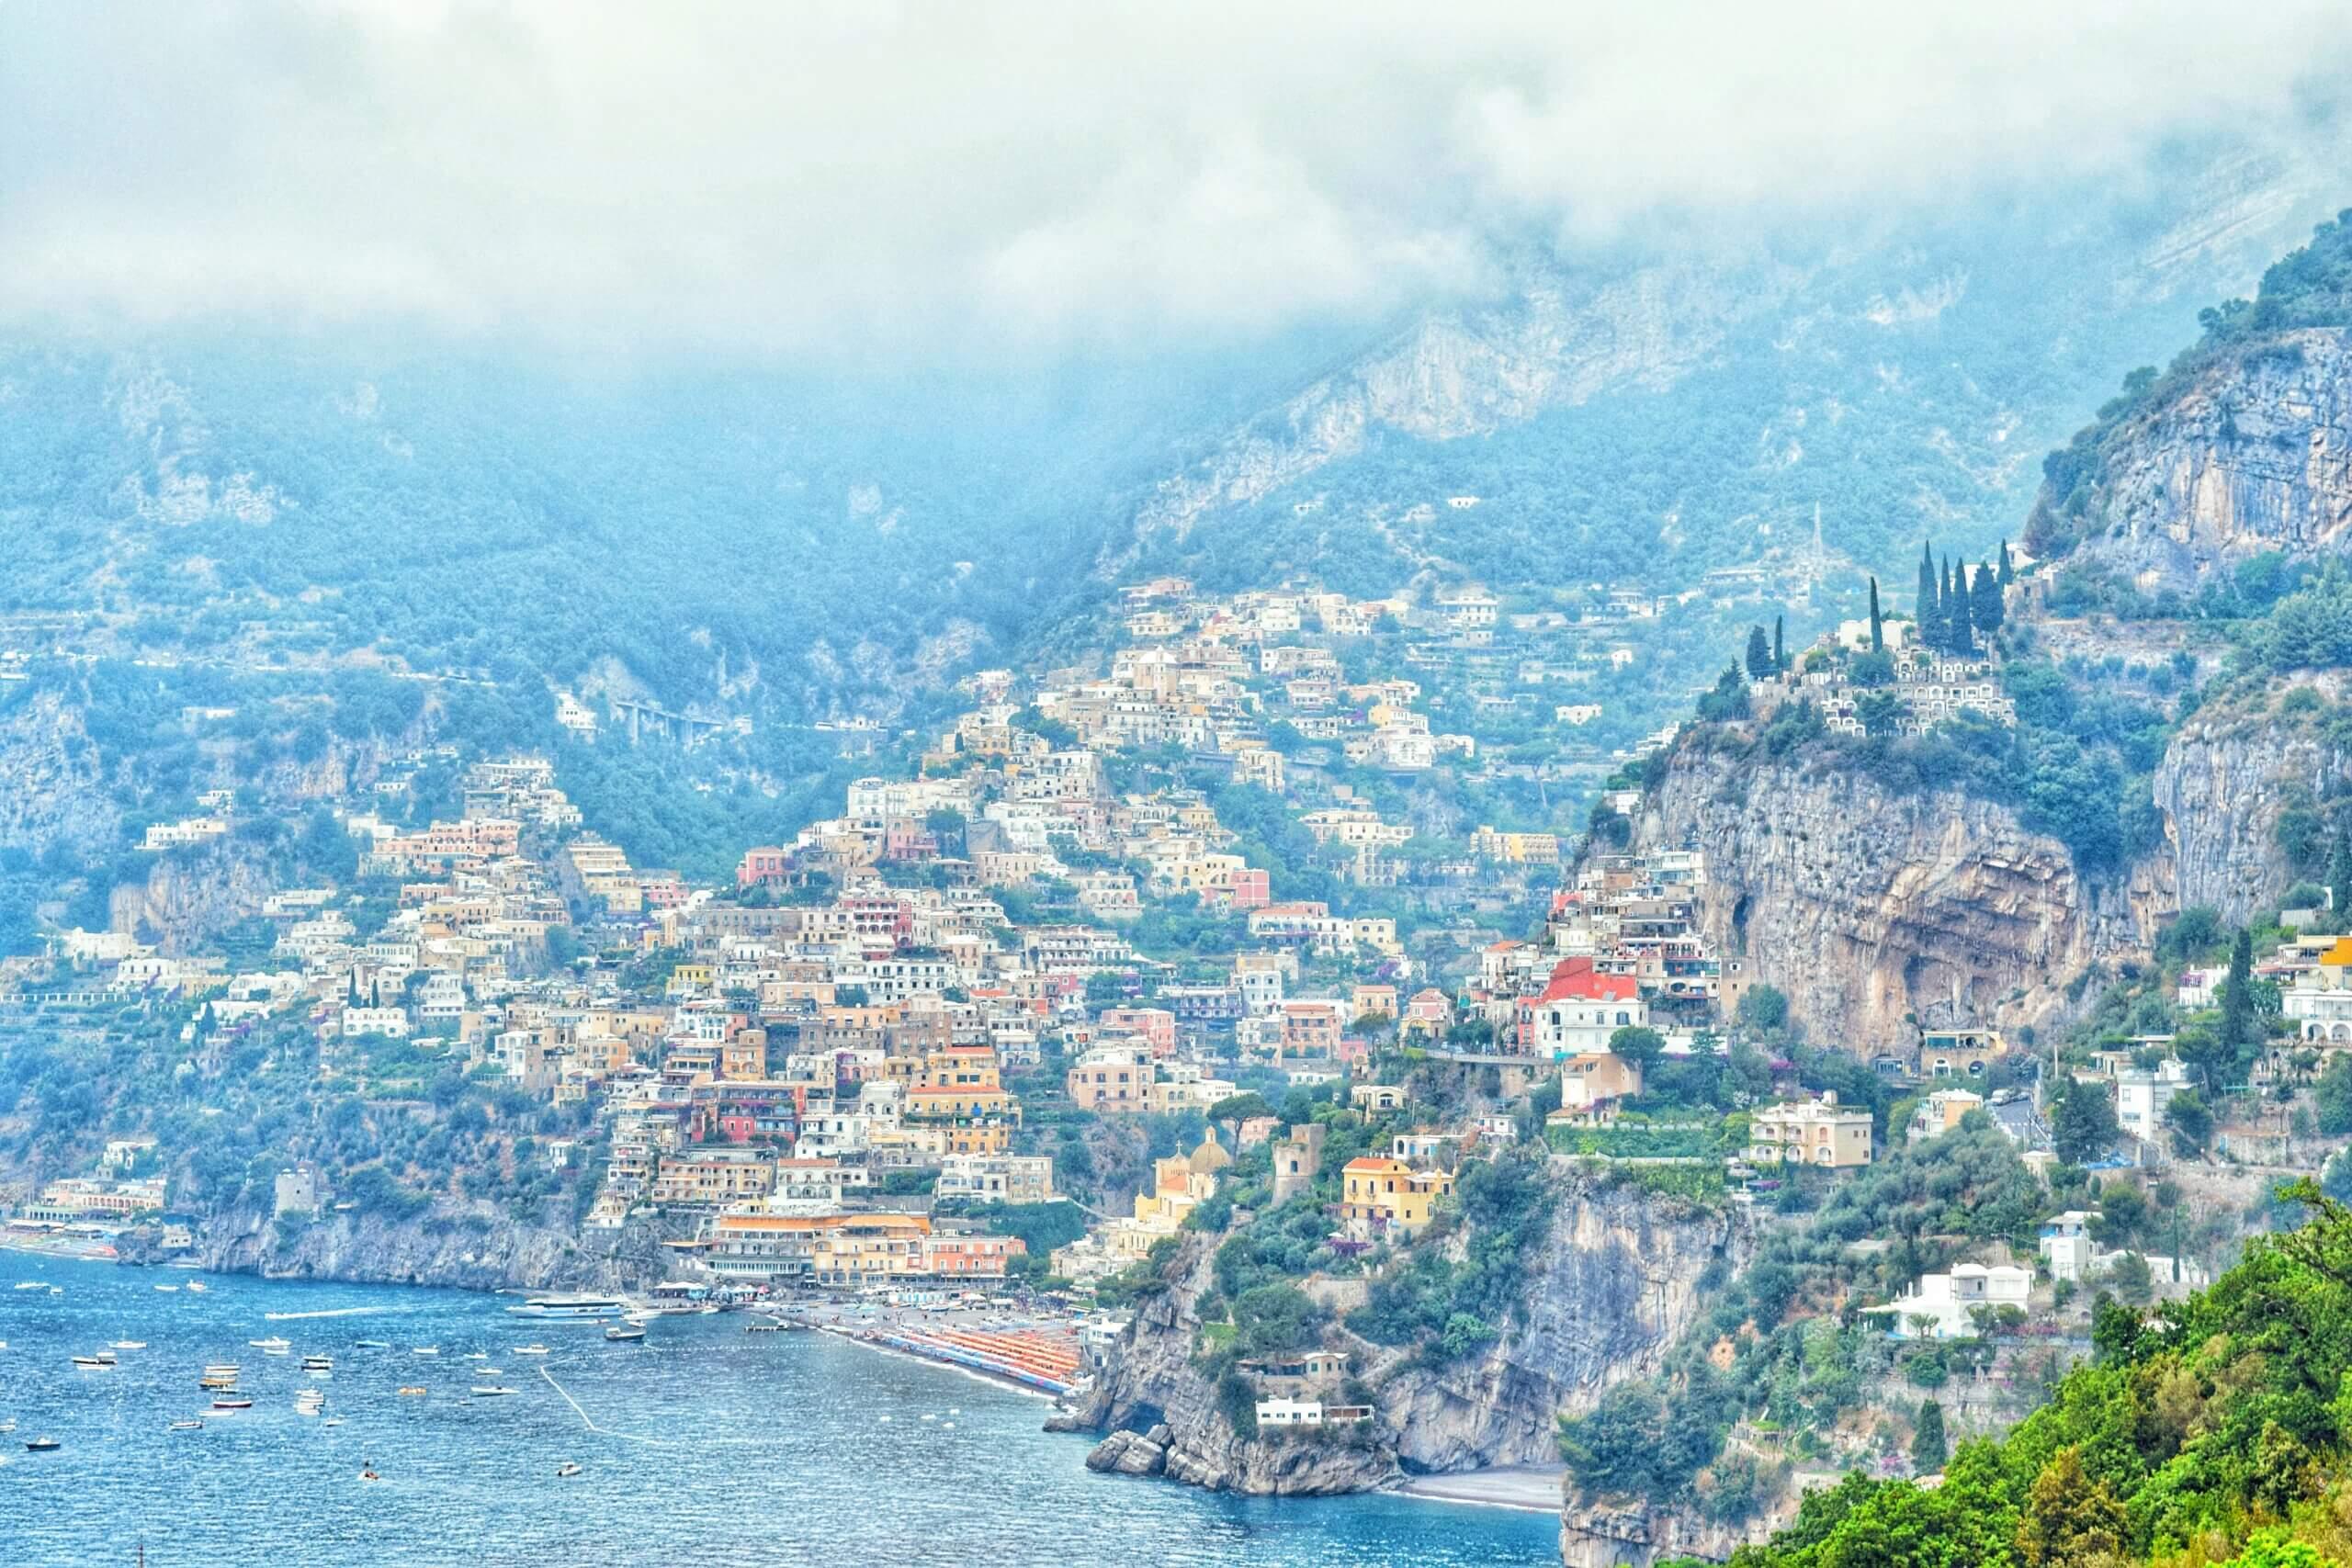 The colorful Positano coastline